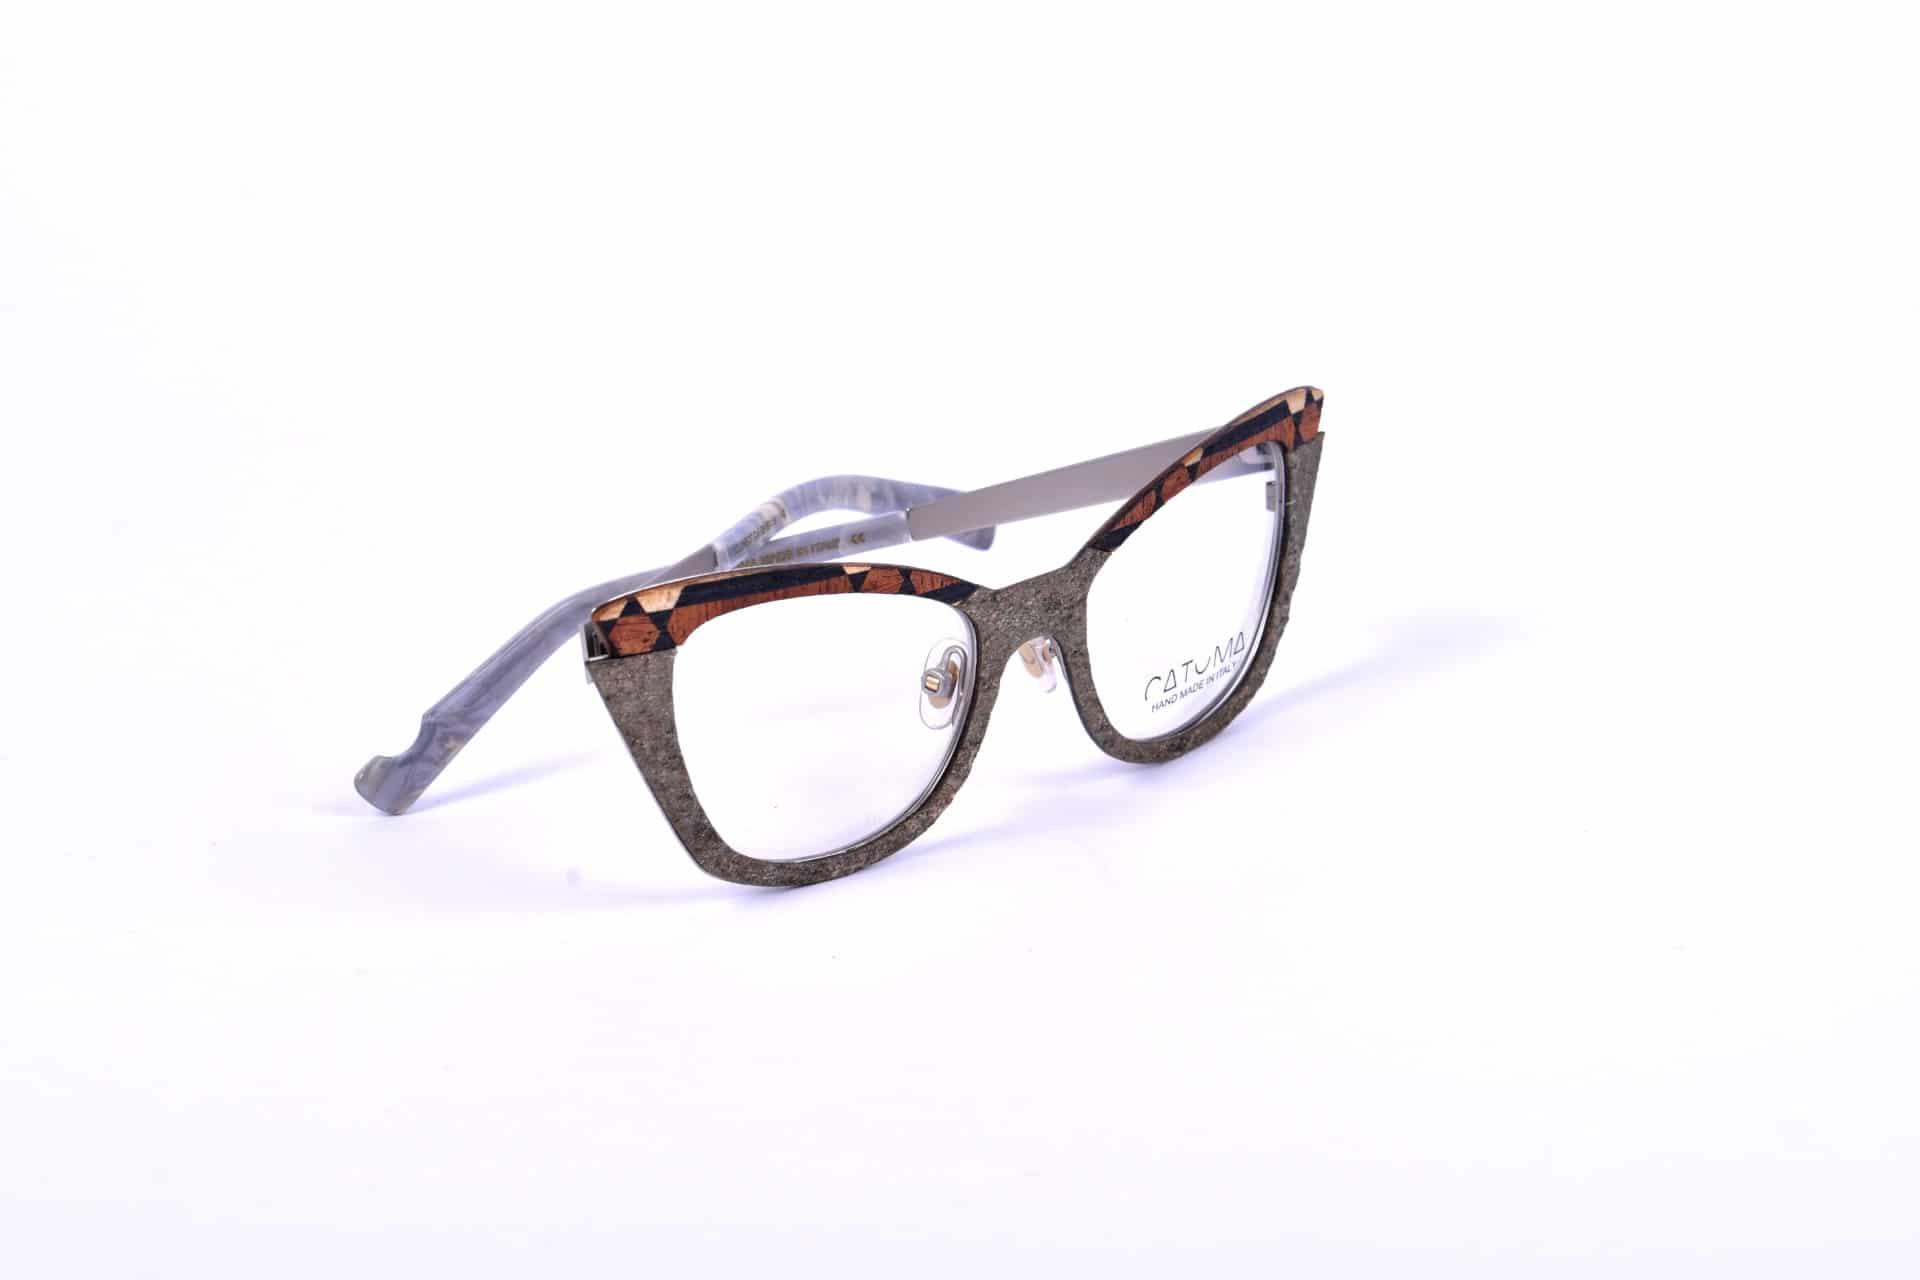 משקפי ראיה מולטיפוקל - אופטיקה יפעת, אופטומטריסטית מומלצת